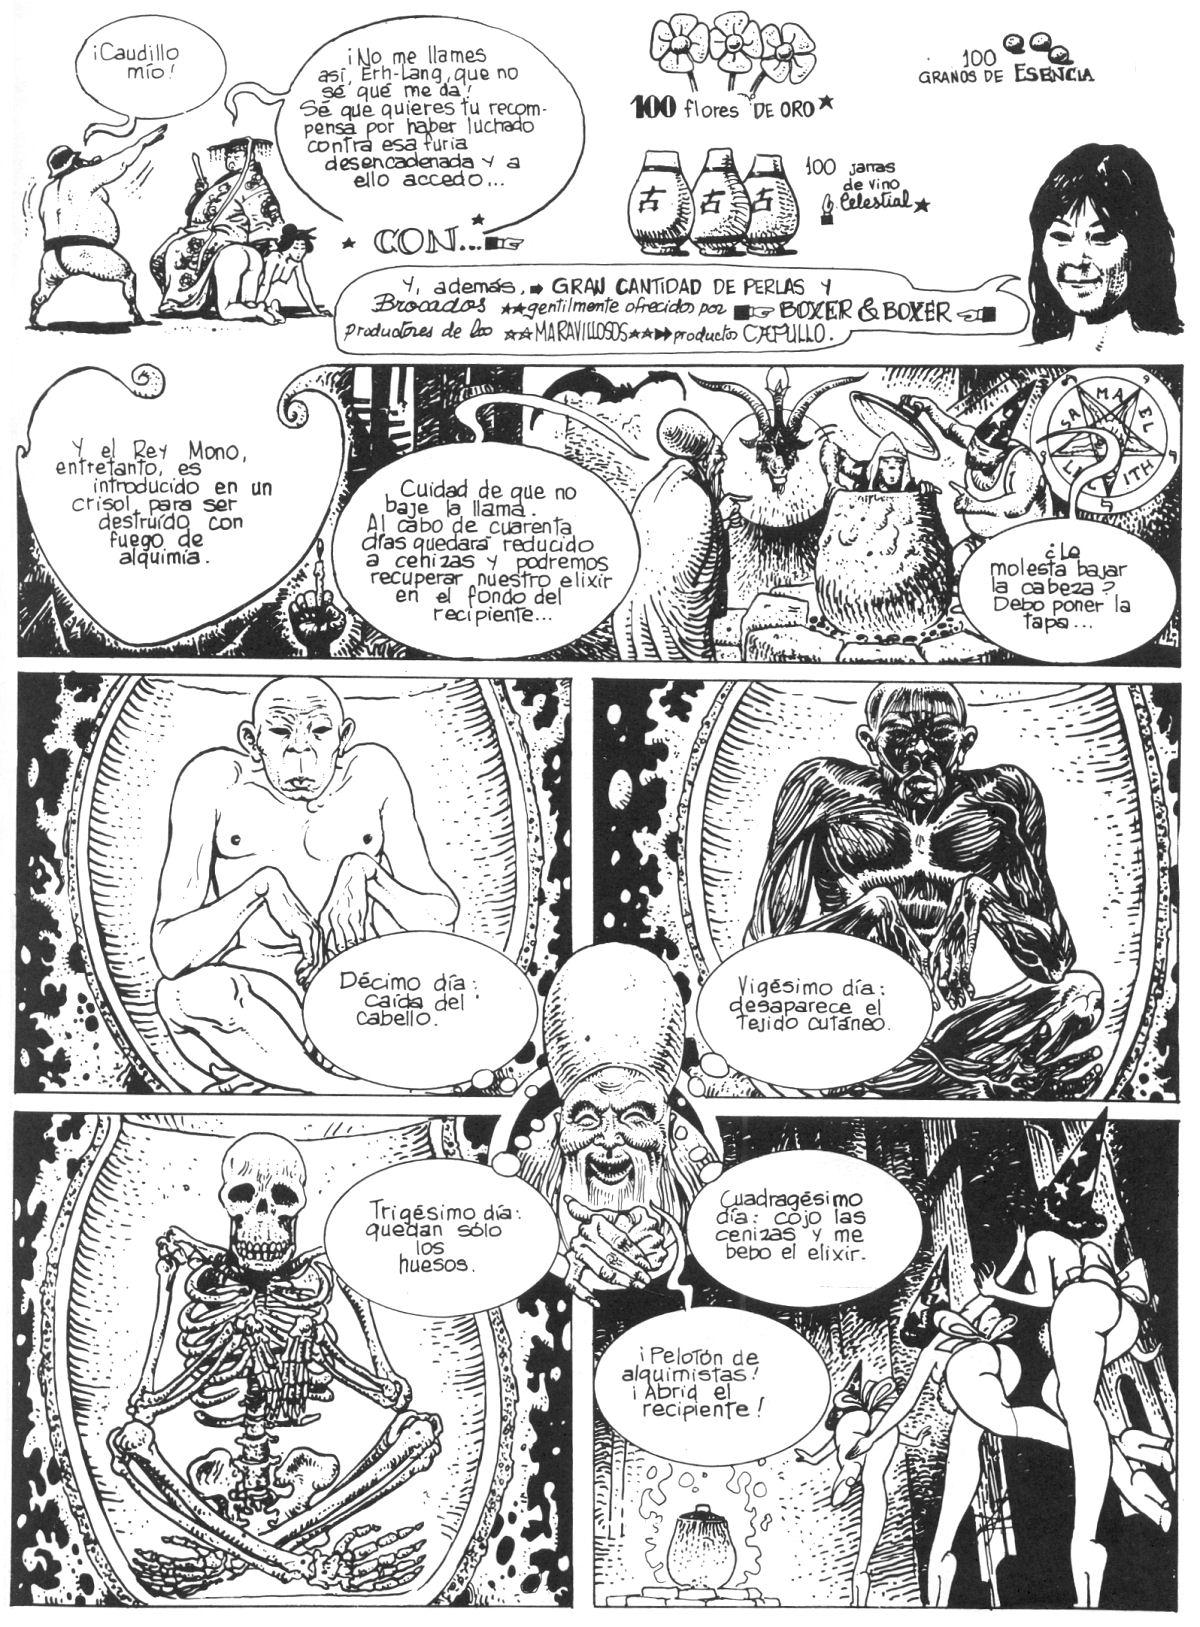 Milo Manara El rey mono